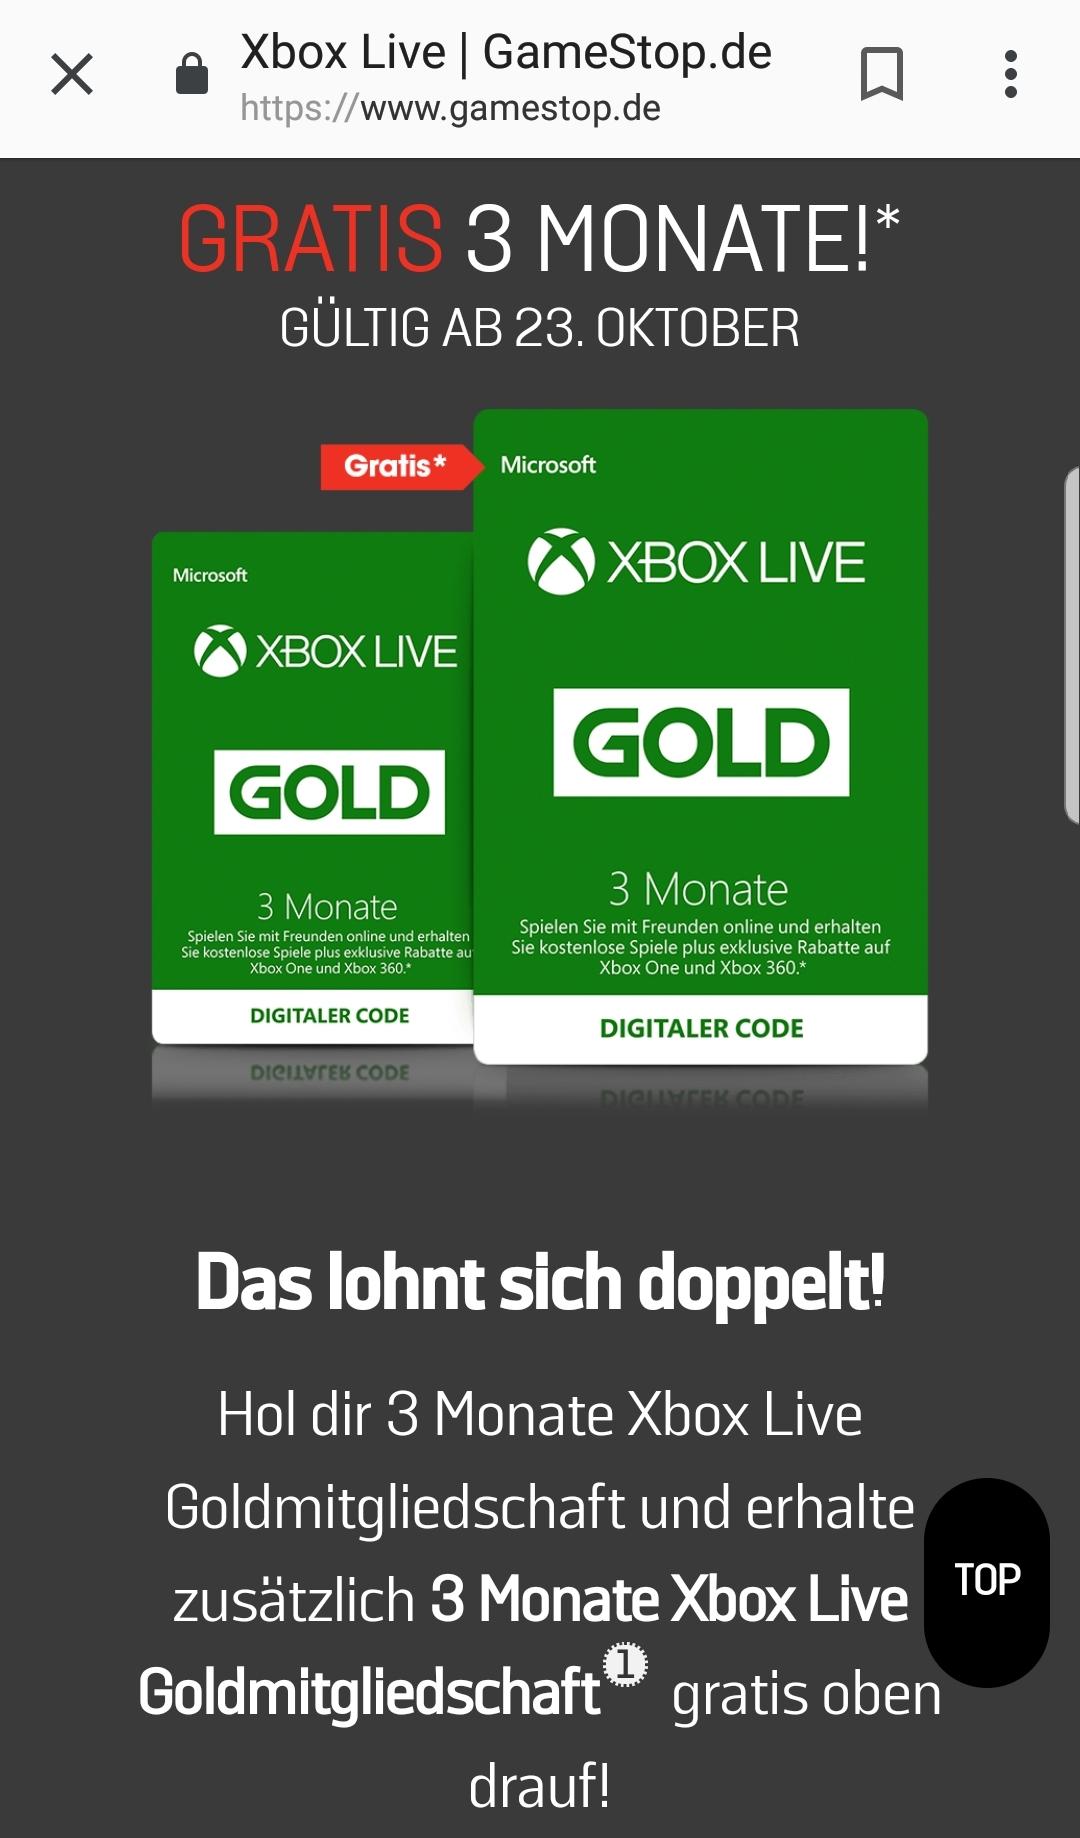 Gratis 3 Monate Xbox-Goldmitgliedschaft beim Kauf von 3 Monaten (gültig ab dem 23. Oktober)